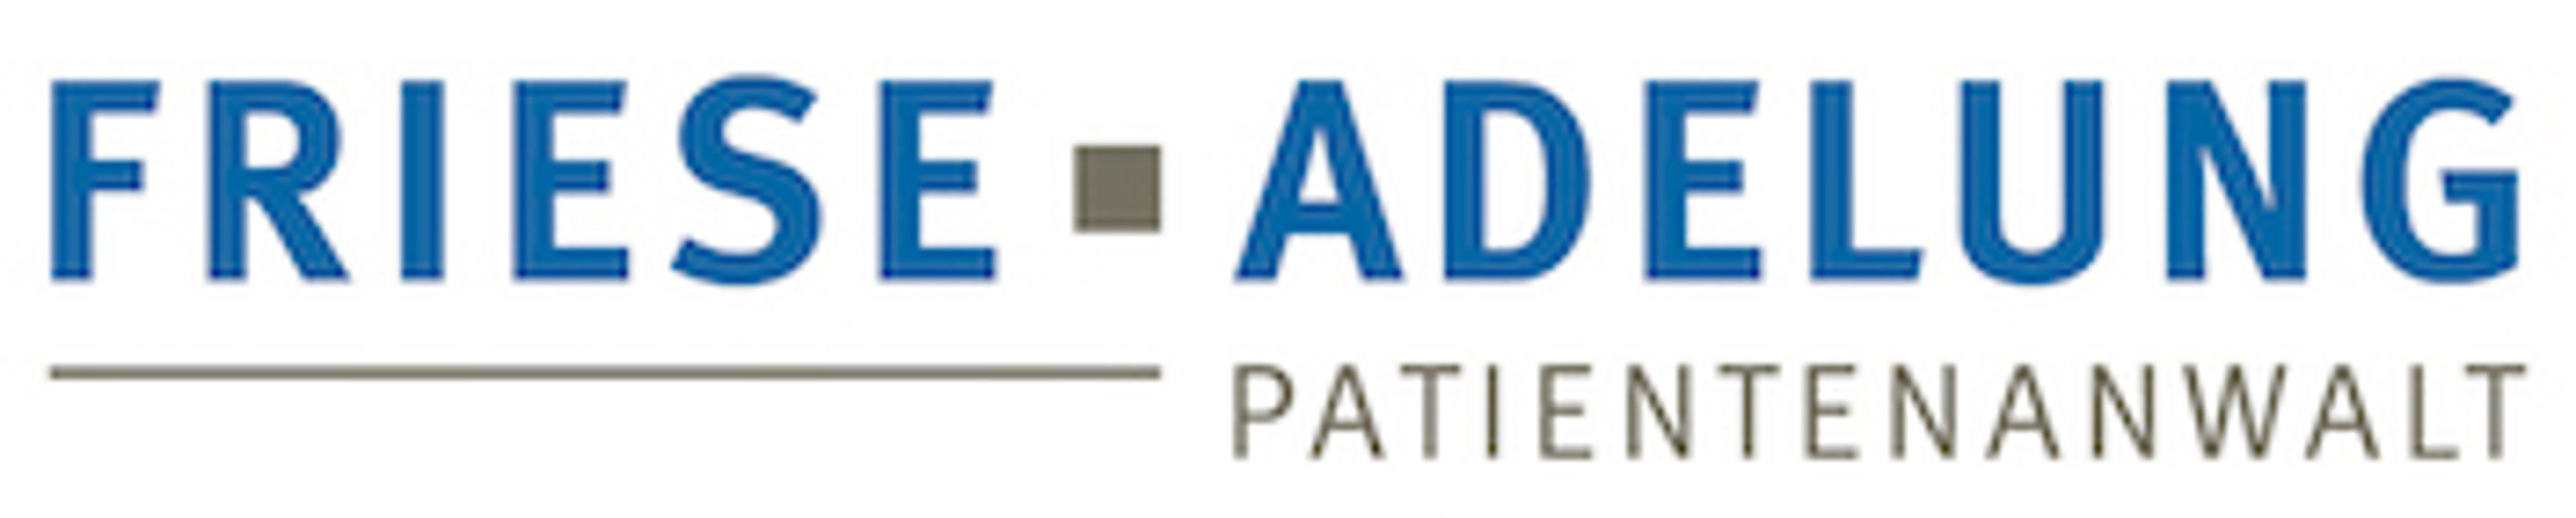 Bild zu Patientenanwalt - Rechtsanwälte Friese und Adelung Partnerschaft mbB in Frankfurt am Main